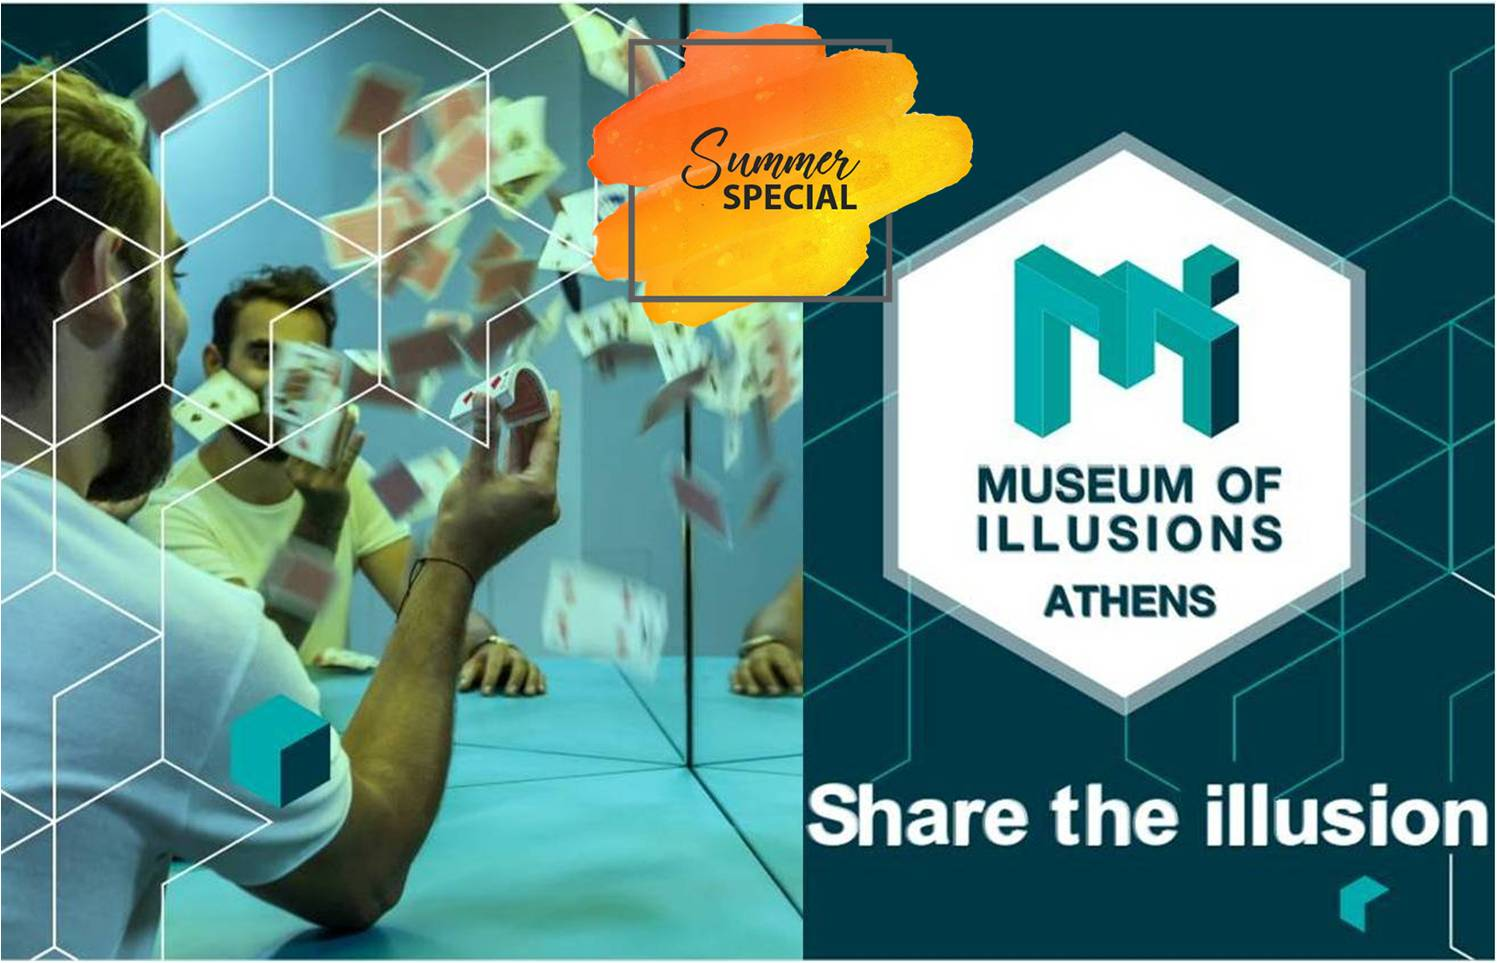 6€ από 9€ για είσοδο στο αγαπημένο ''Museum of Illusions Athens'' (Μουσείο Ψευδαισθήσεων) στο Μοναστηράκι, γιατί τίποτα δεν είναι όπως φαίνεται... ειδικά ΕΔΩ!